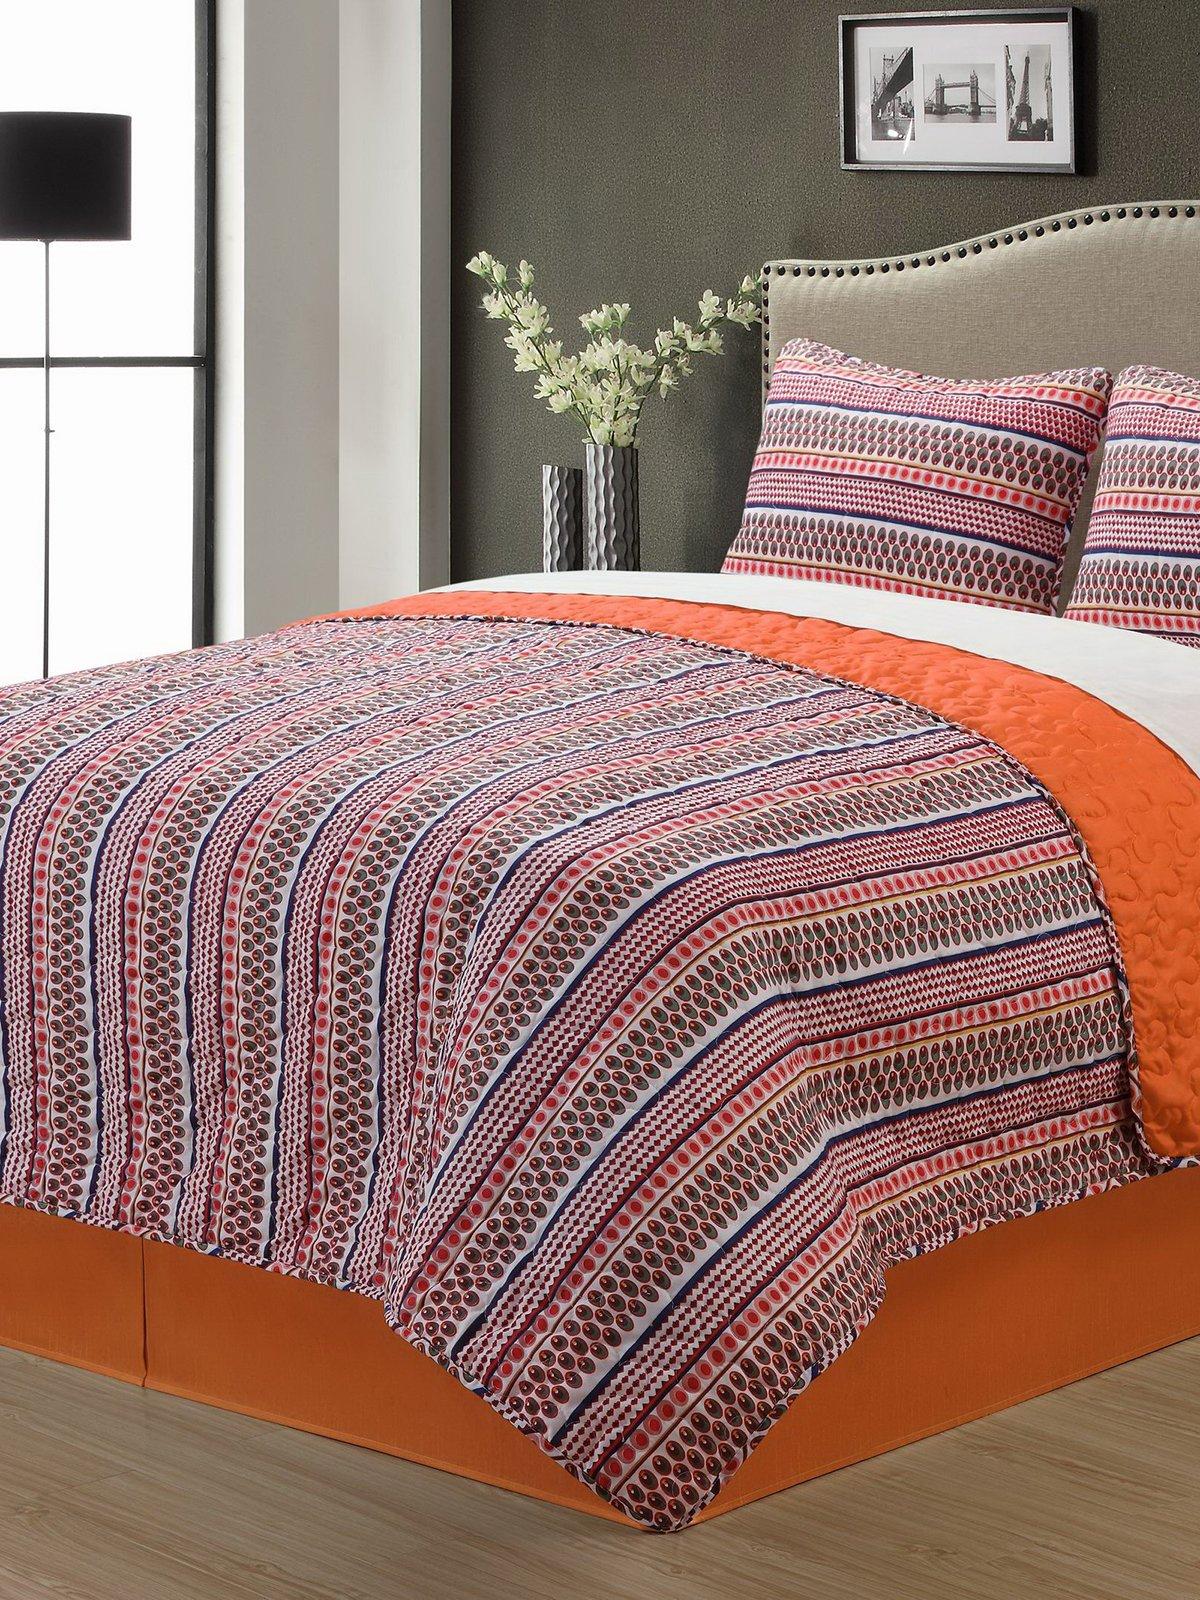 Комплект постельного белья двуспальный   1707144